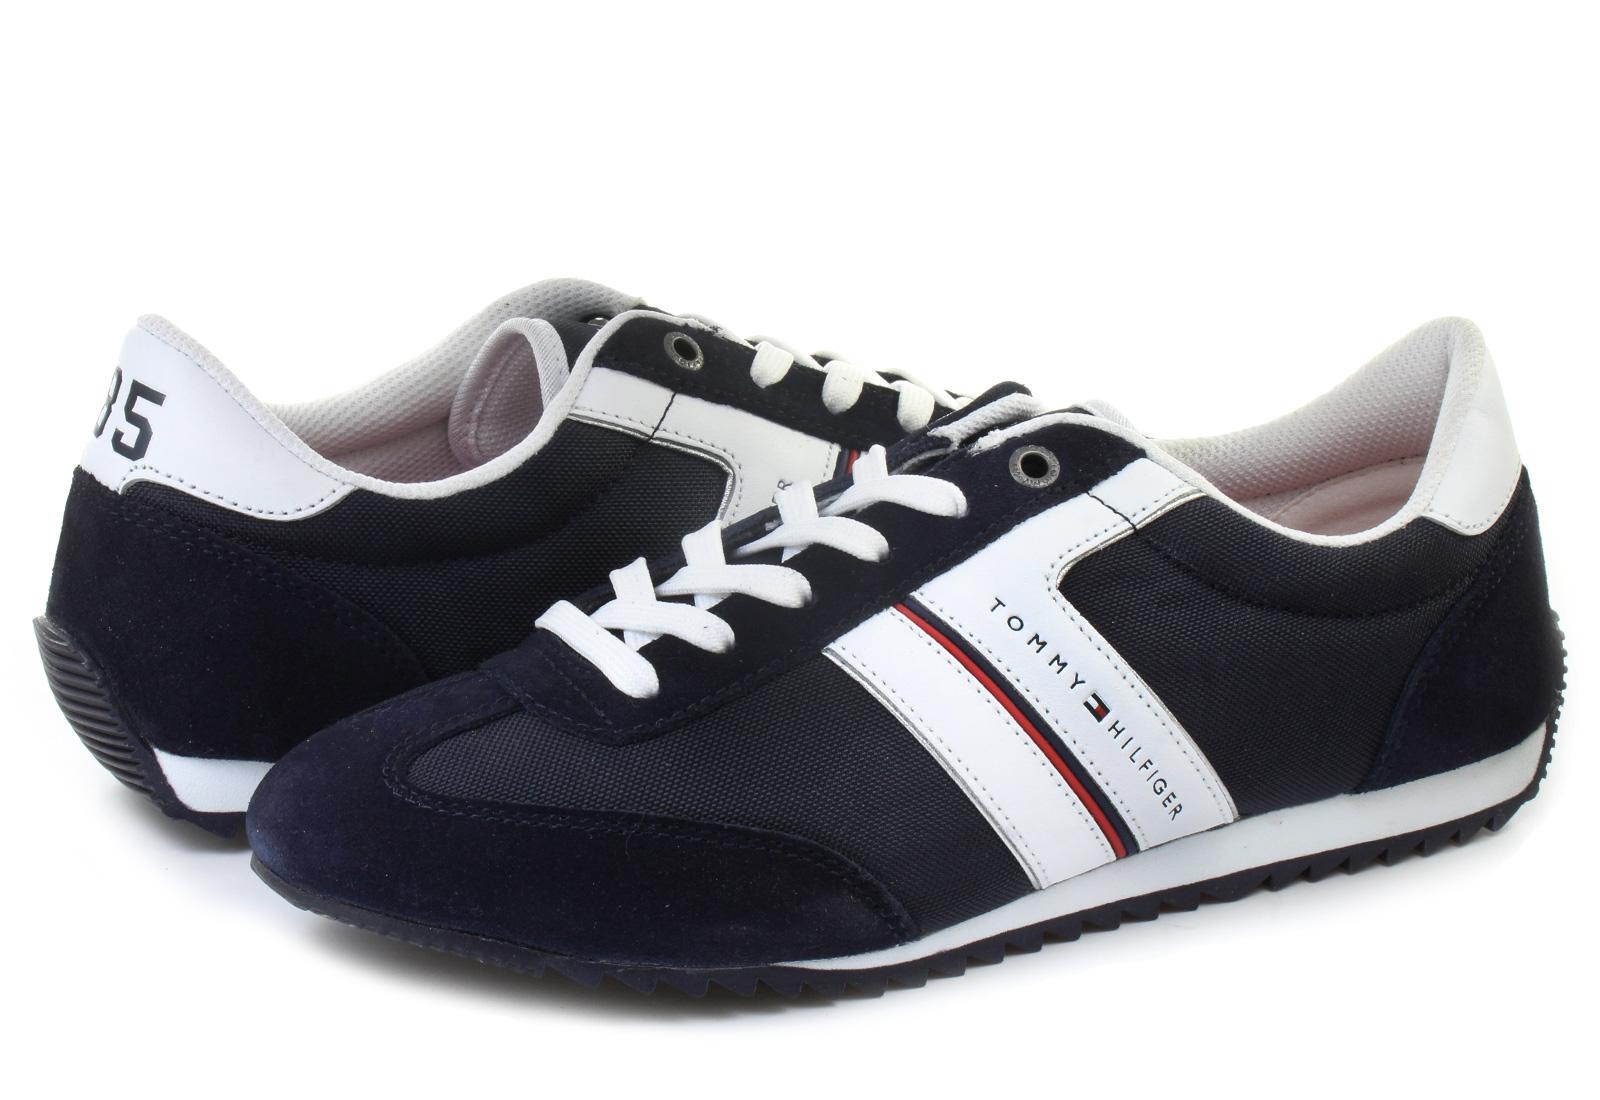 tommy hilfiger shoes branson 5d 15s 8975 260 online. Black Bedroom Furniture Sets. Home Design Ideas